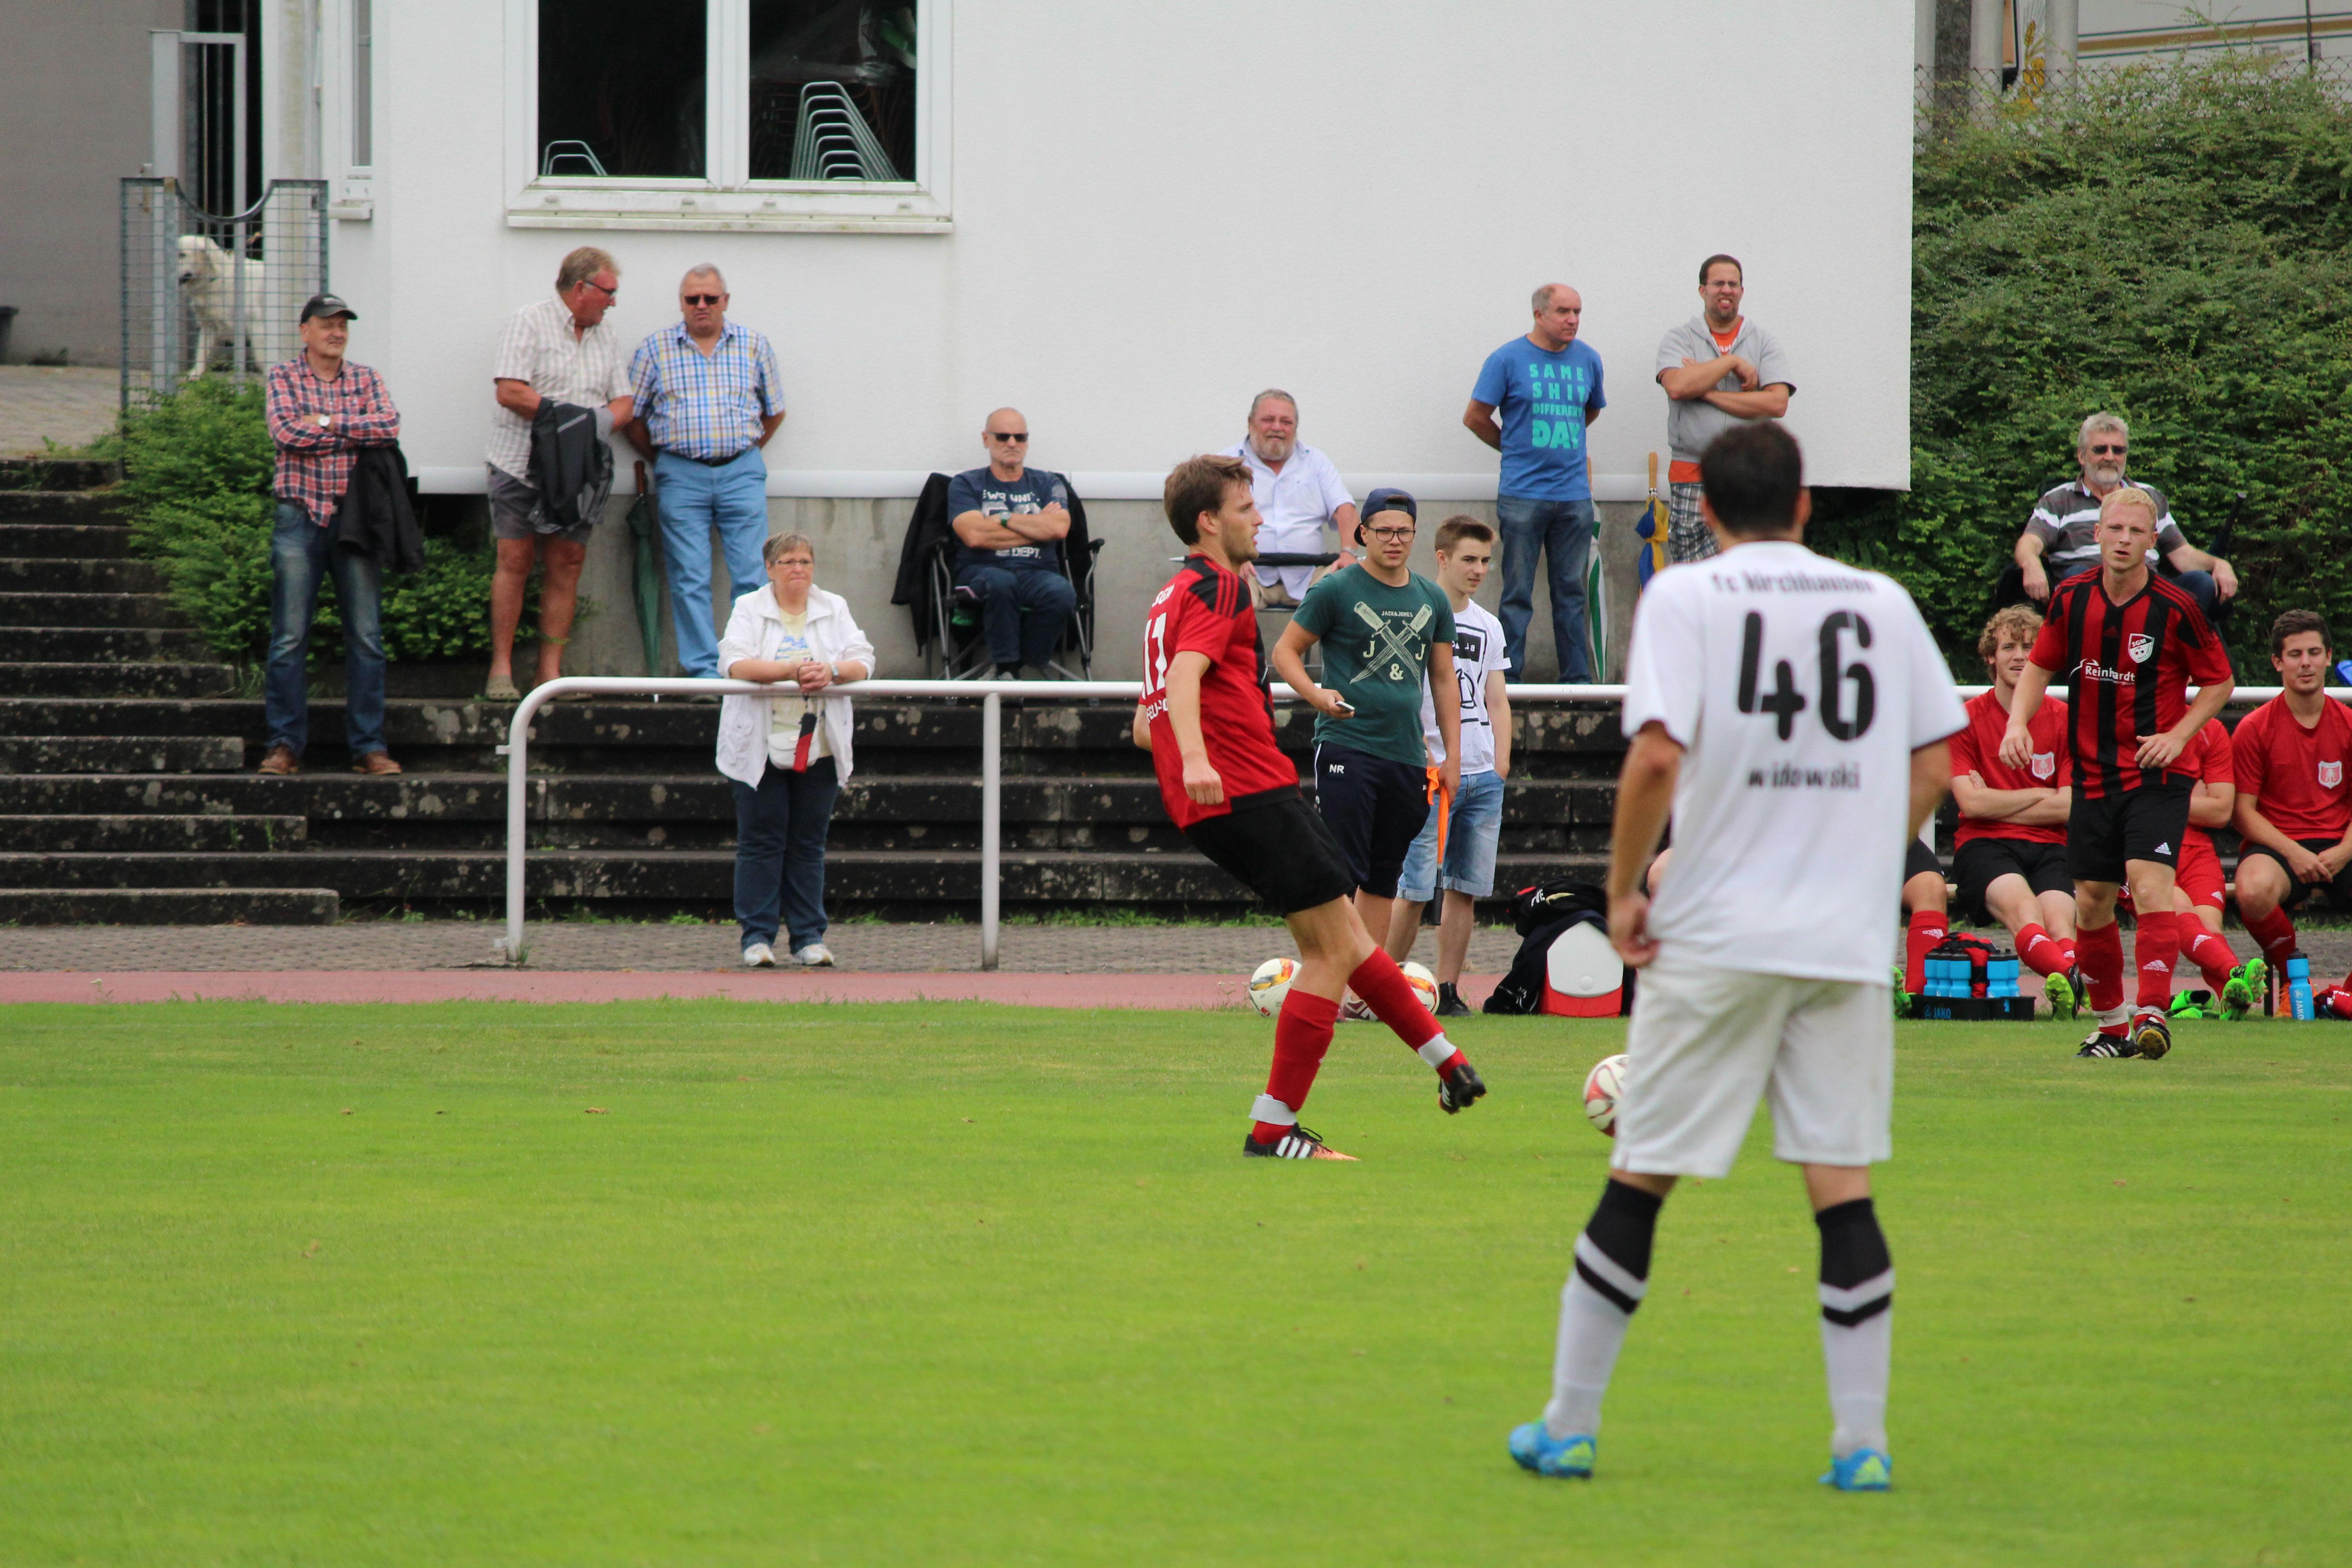 16-17-hin-kirchhausen-23